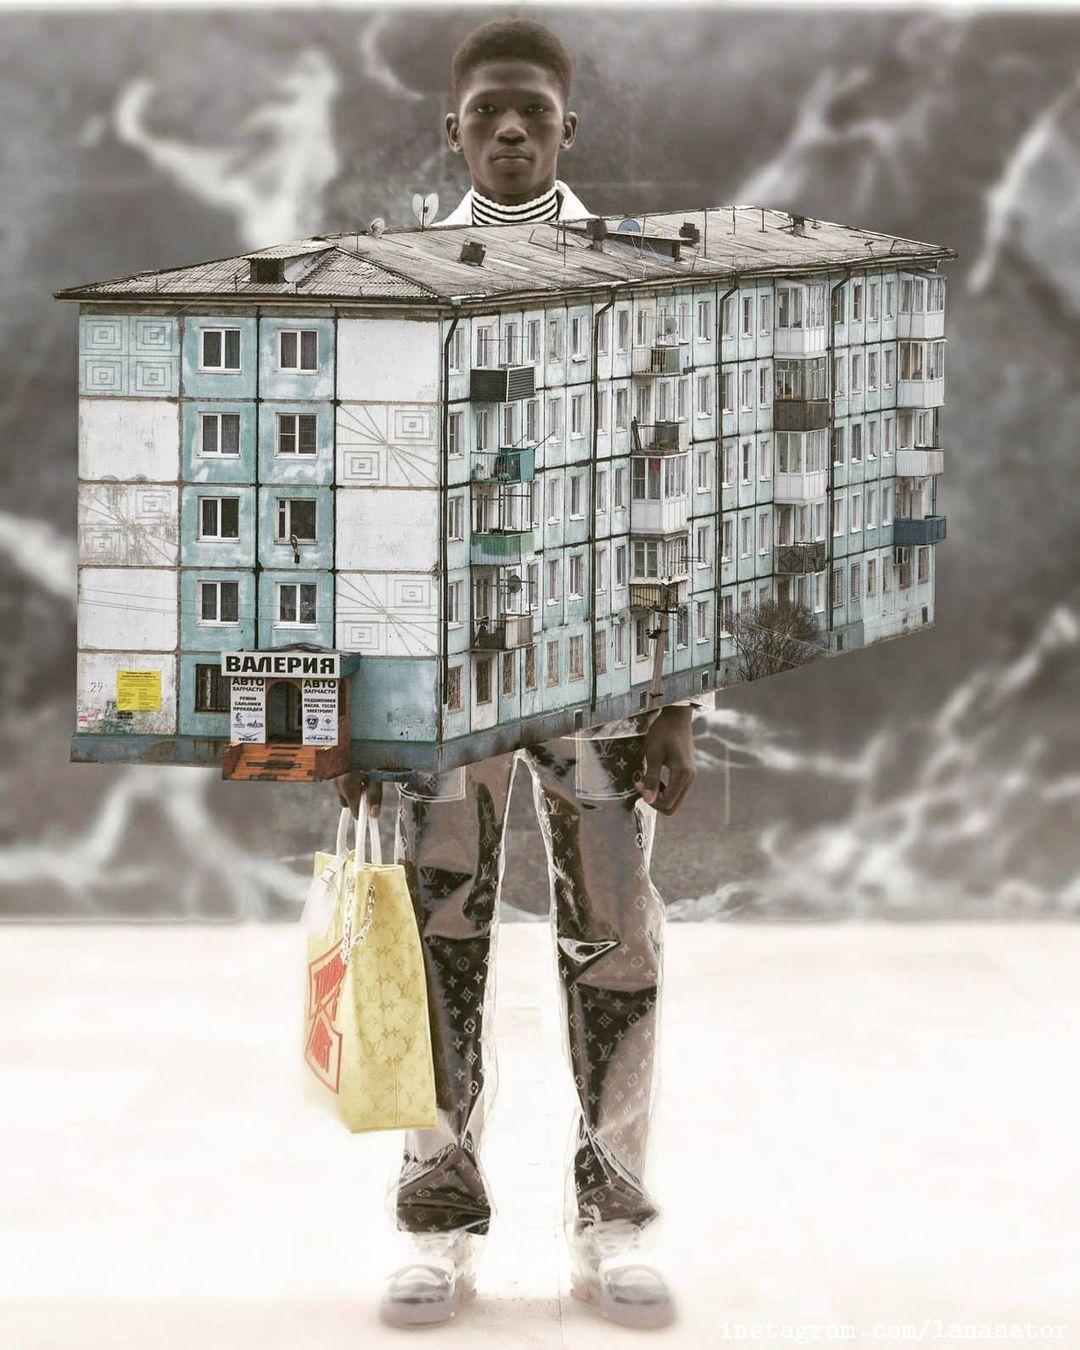 Панельная пятиэтажка. К этому коллажу Лана сделала приписку: «Любой город России»